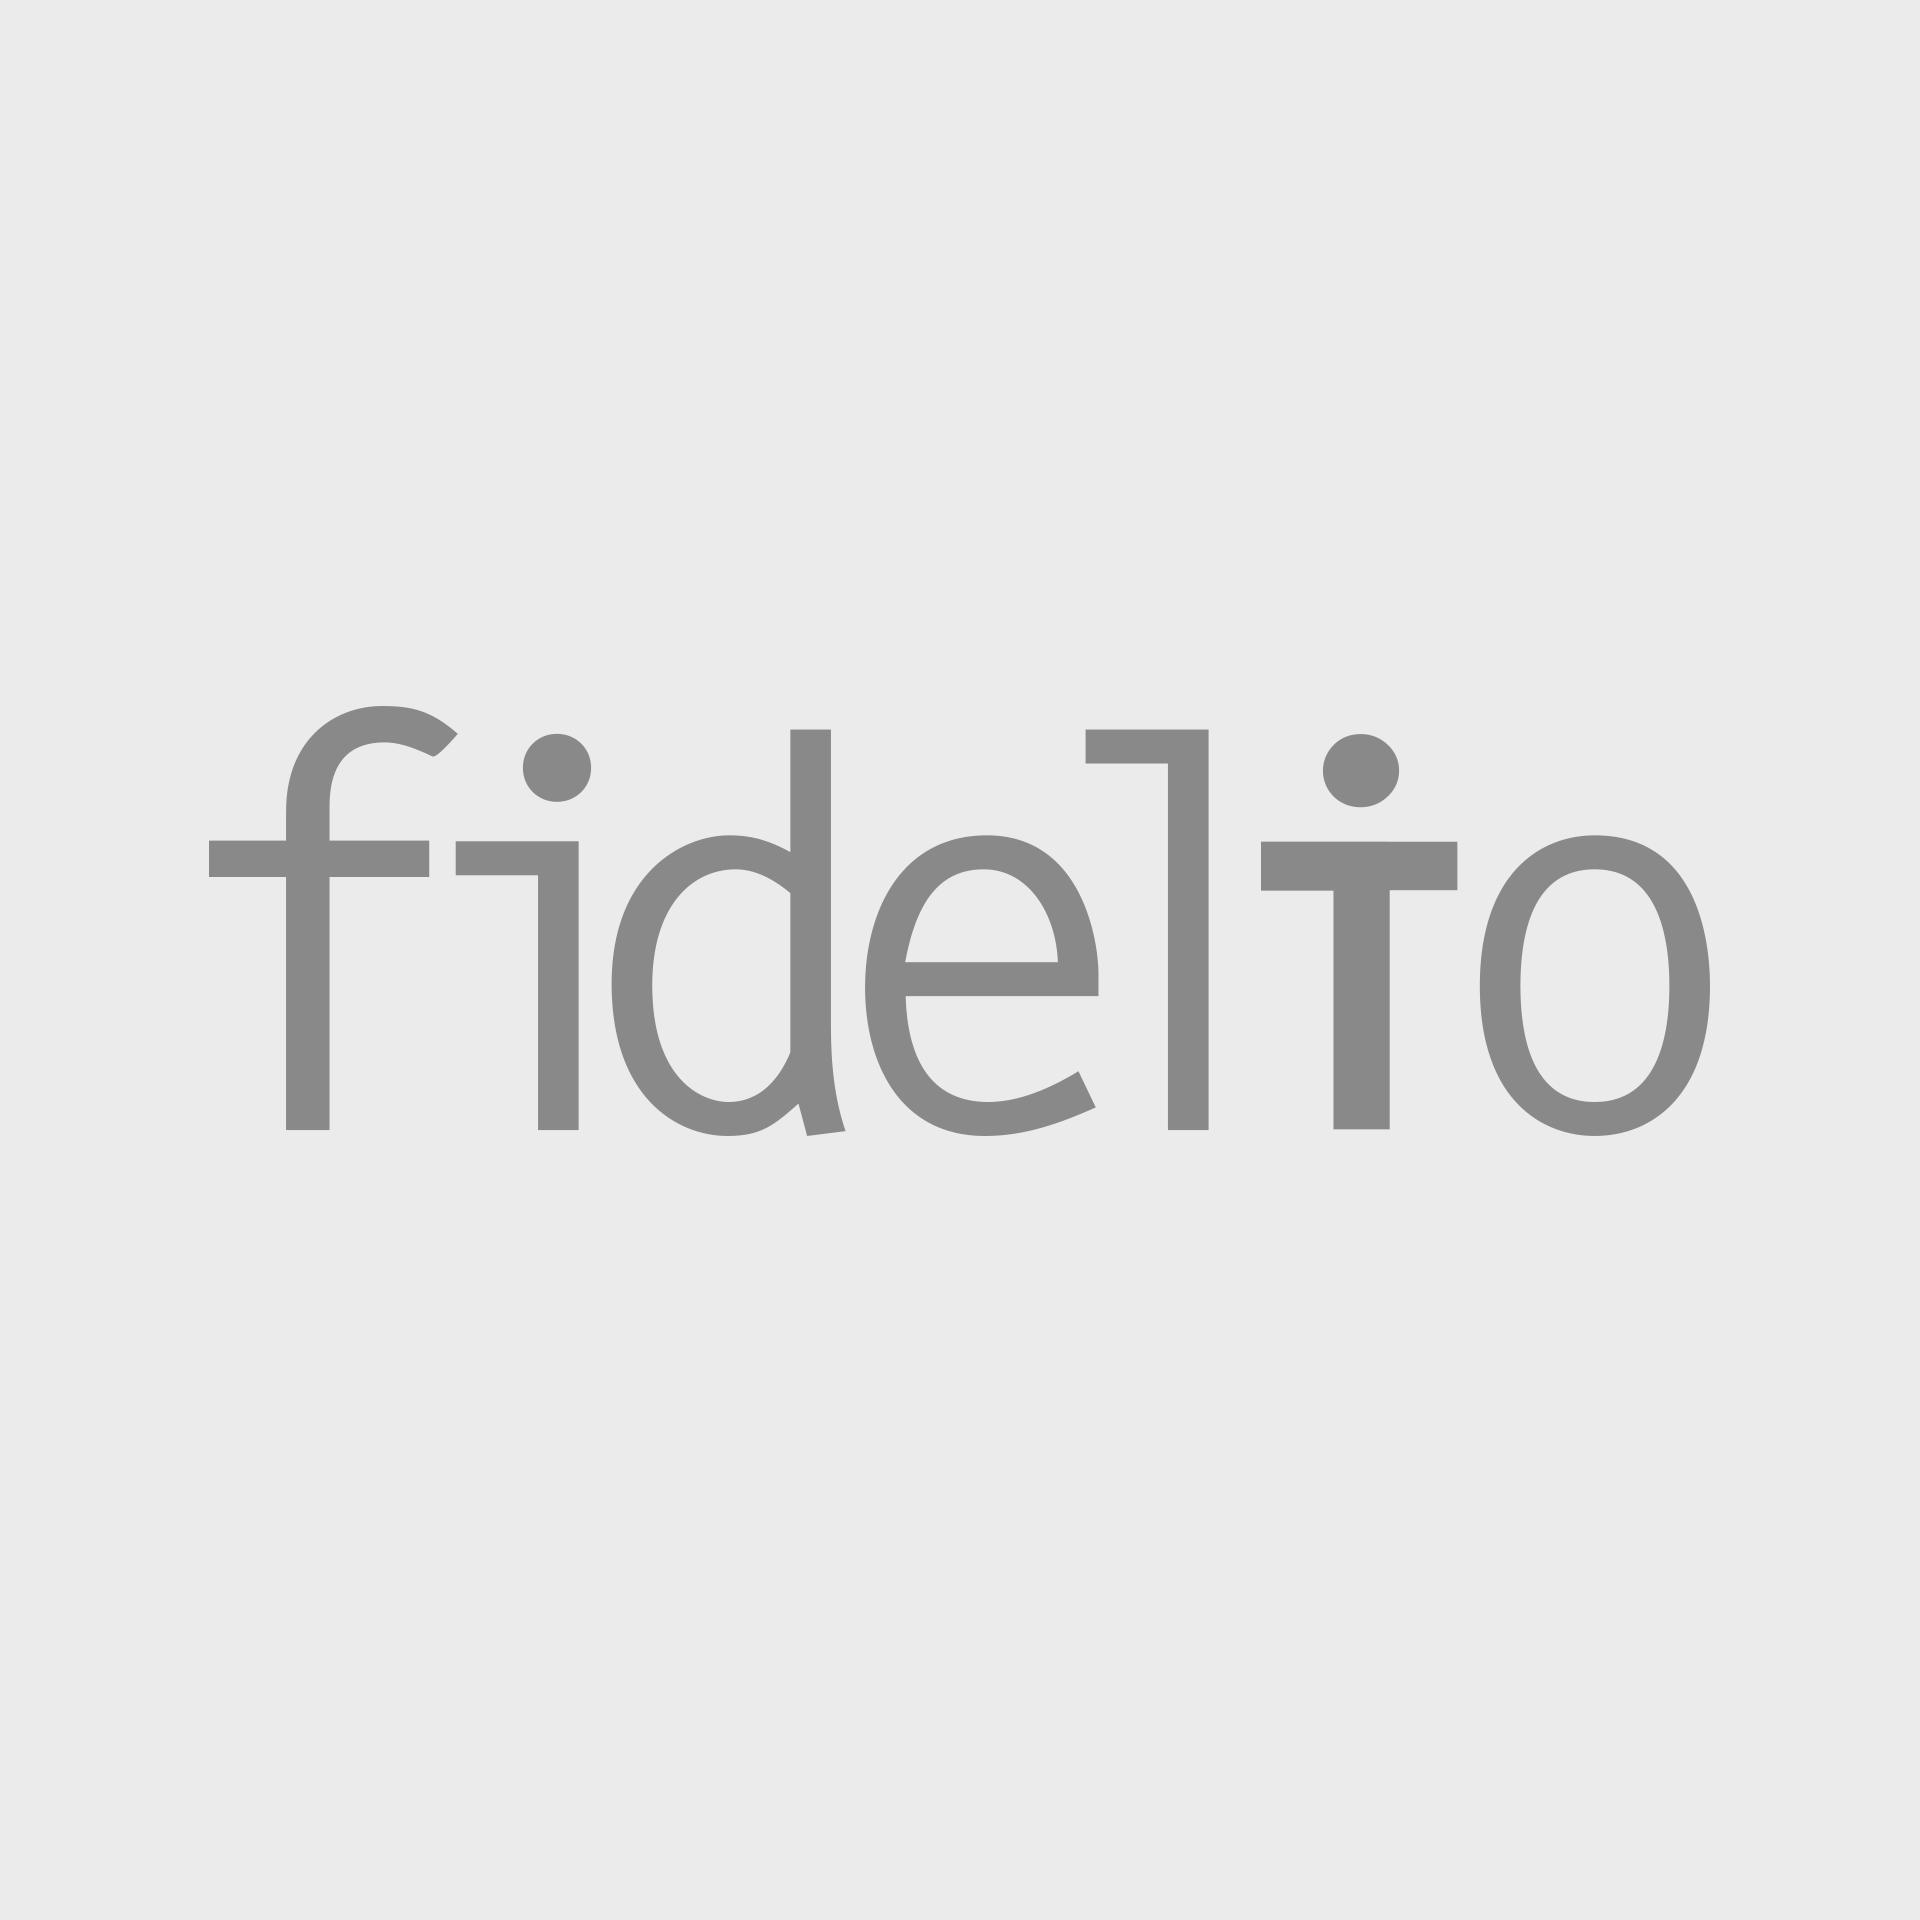 Fidelio magazin 2018 június